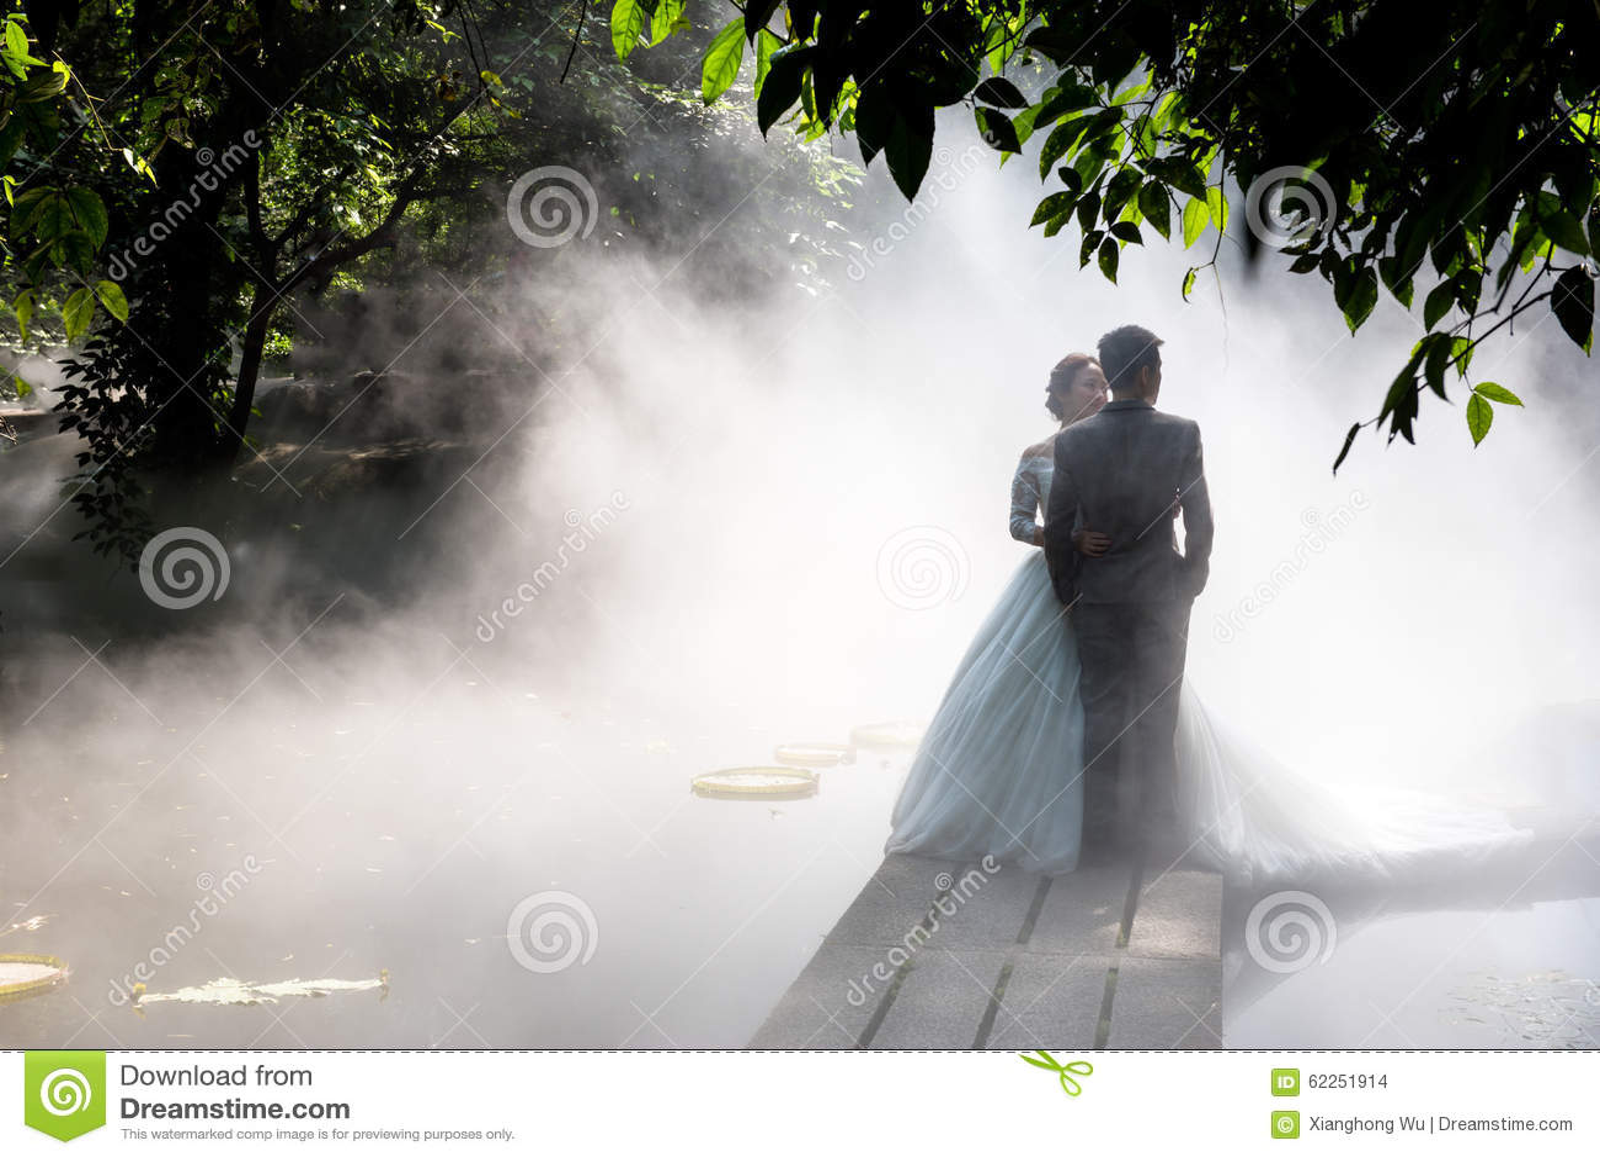 Photos de mariage en brouillard